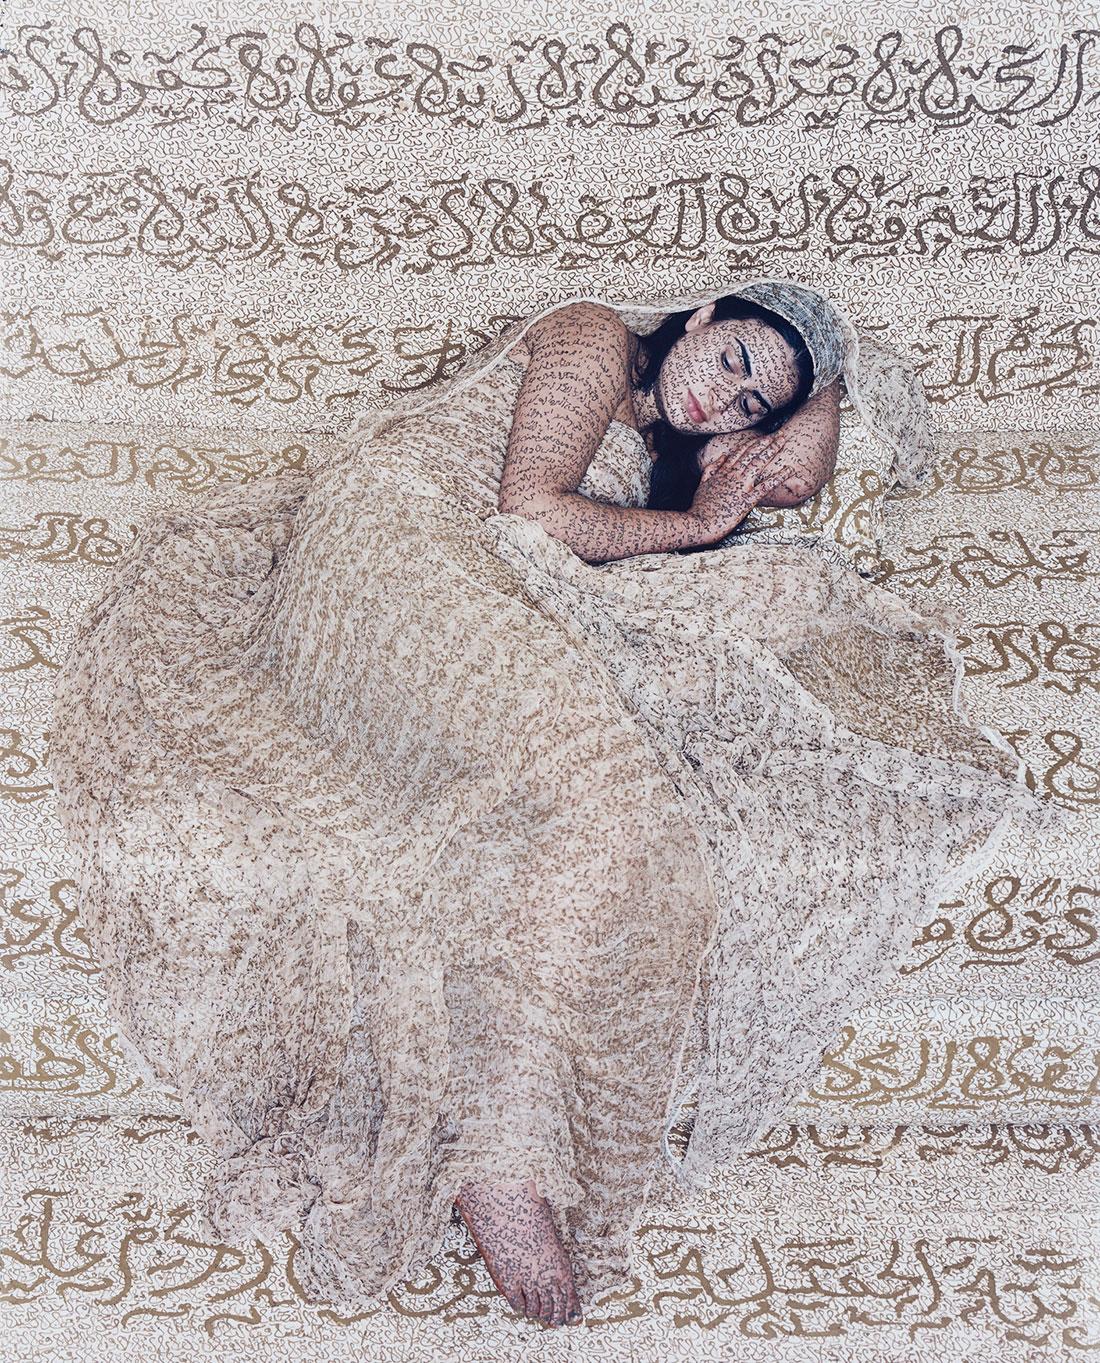 Lalla Essaydi, Les Femmes Du Maroc Revisited # 1, 2010